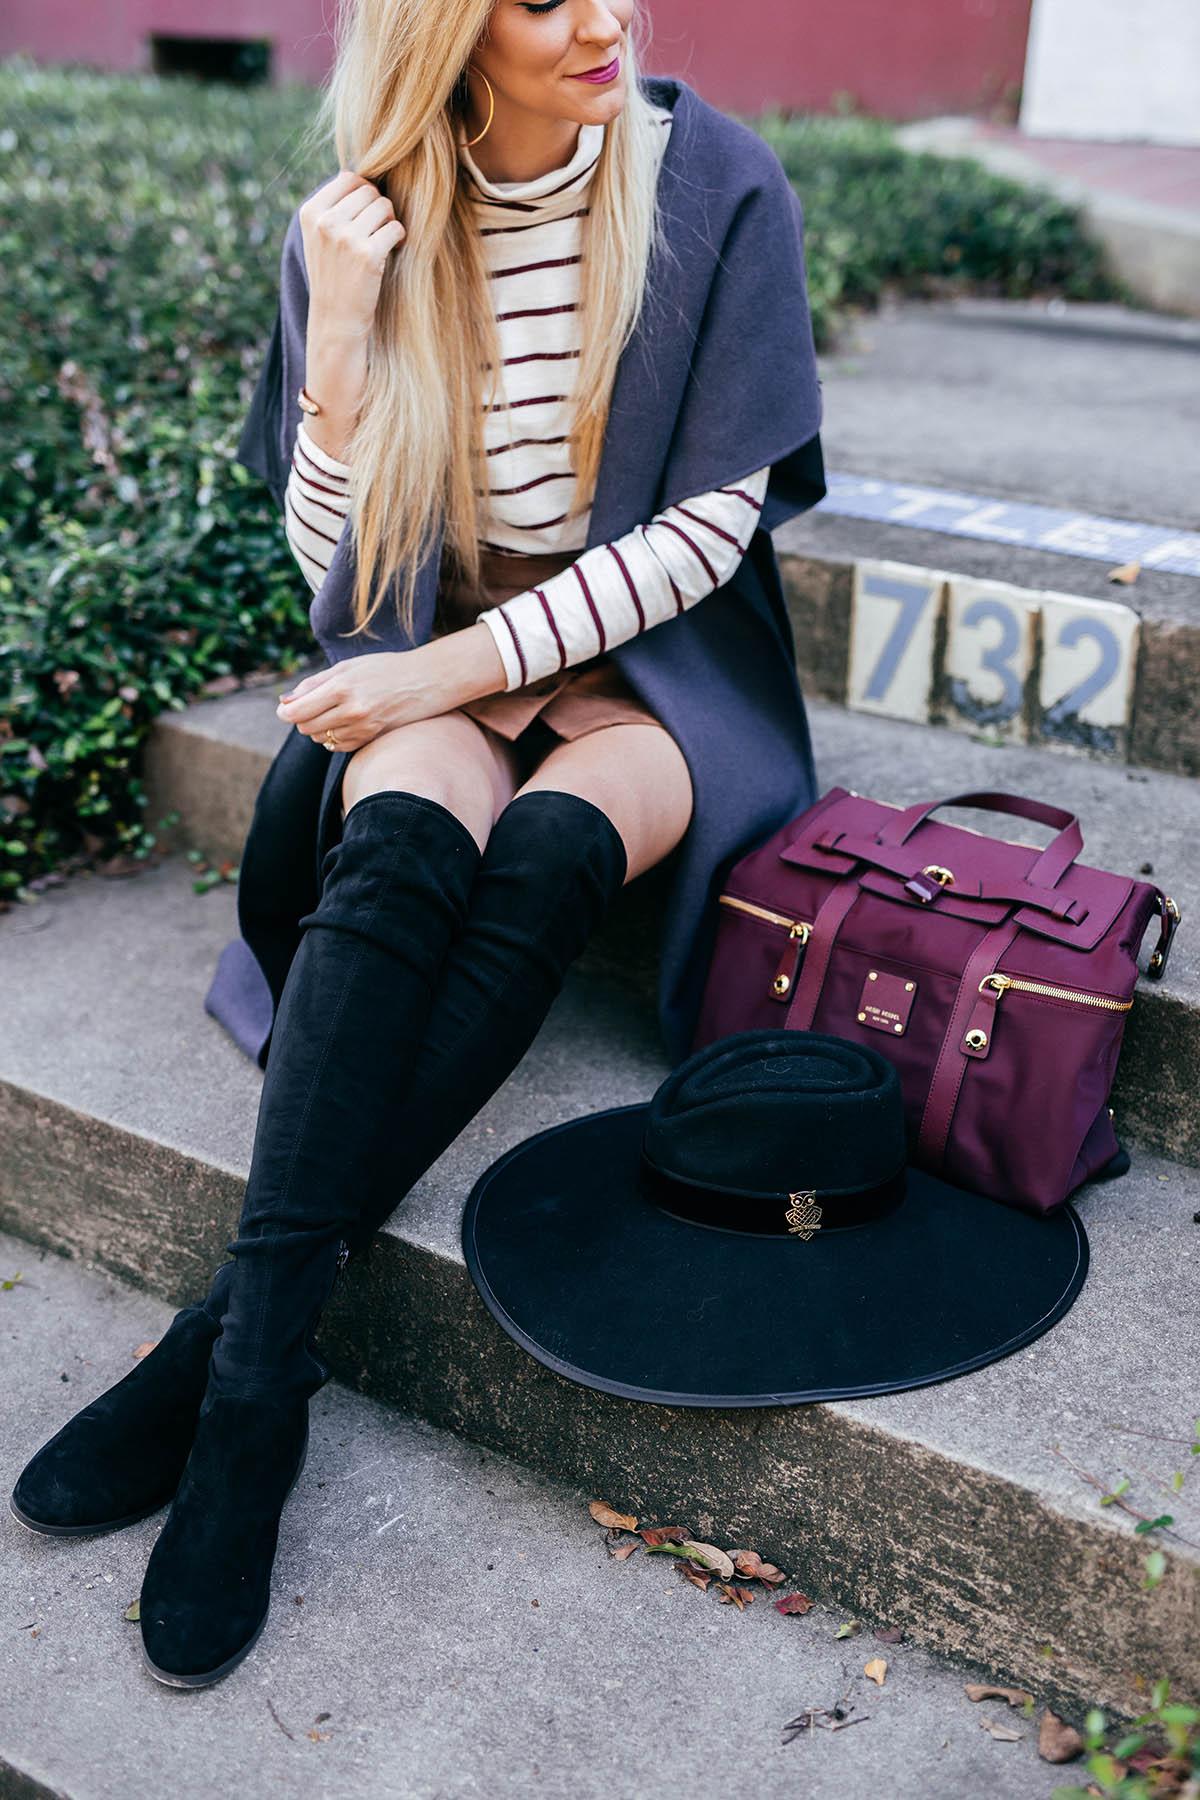 Easy Outerwear Options   Henri Bendel Reversible Vest   Black OTK Boots Under $100